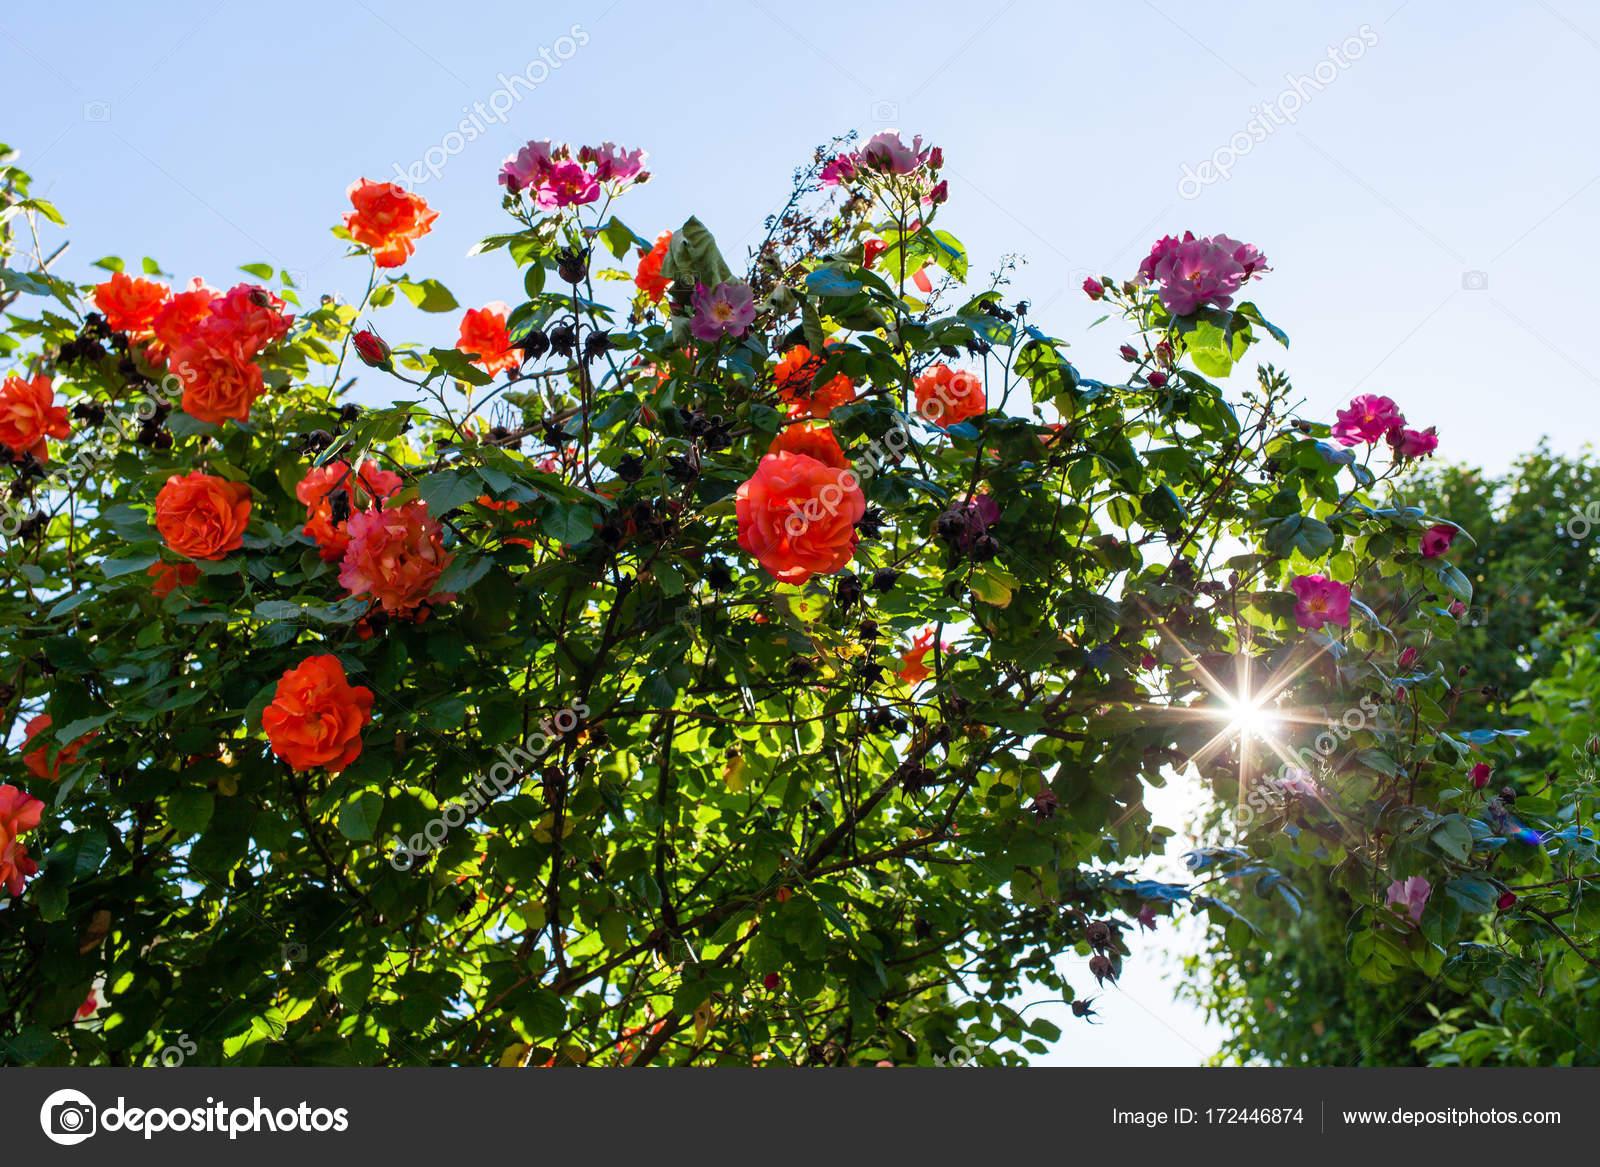 High Quality Piante Di Rose Rosse In Giardino. Mazzo Di Rose Sotto Cielo Blu U2014 Foto Di  Romanlisovy